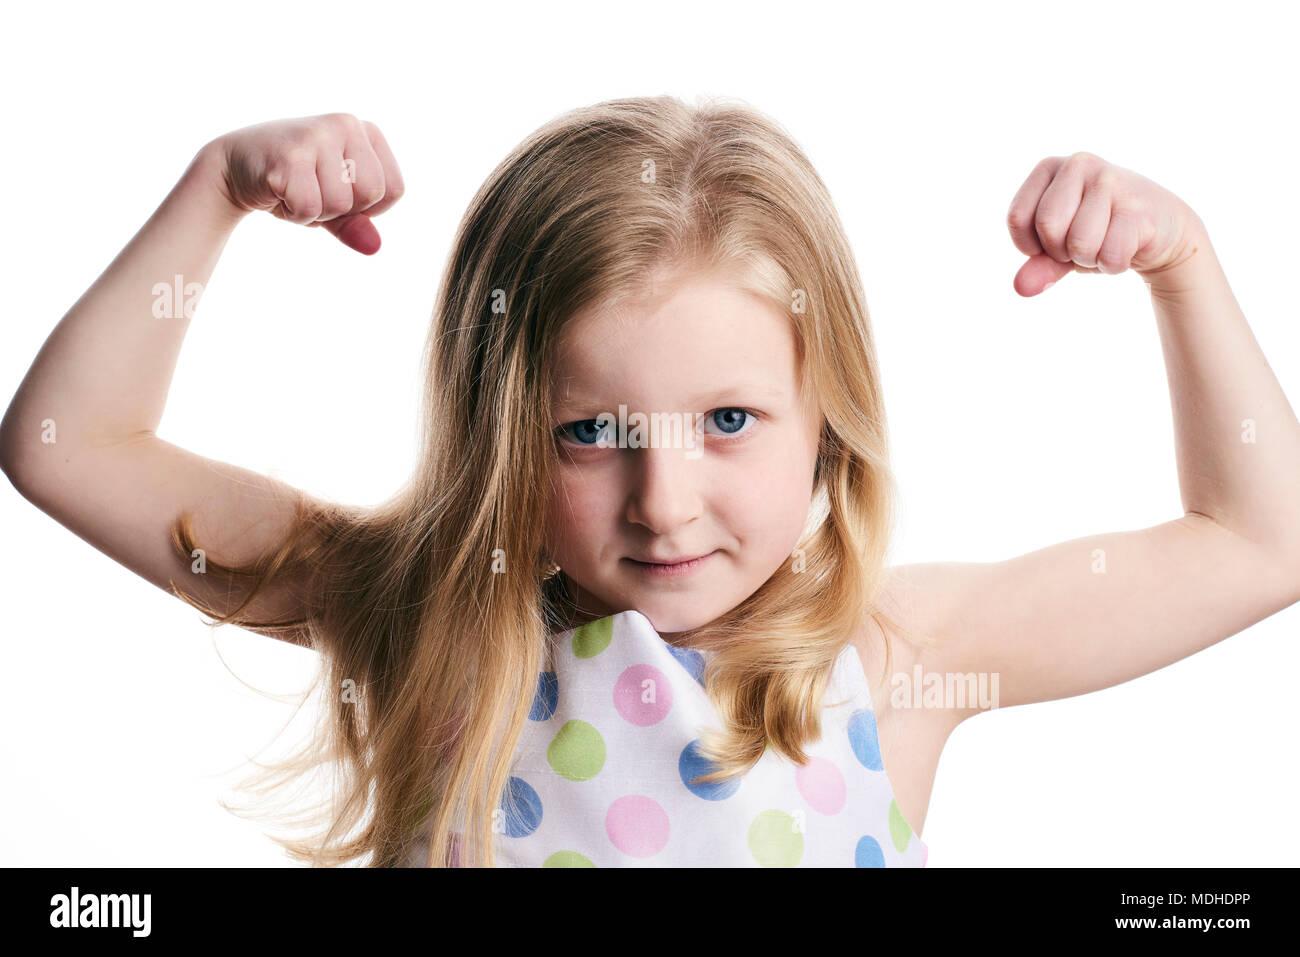 Una giovane ragazza con i capelli biondi mostra i suoi muscoli su sfondo bianco Immagini Stock